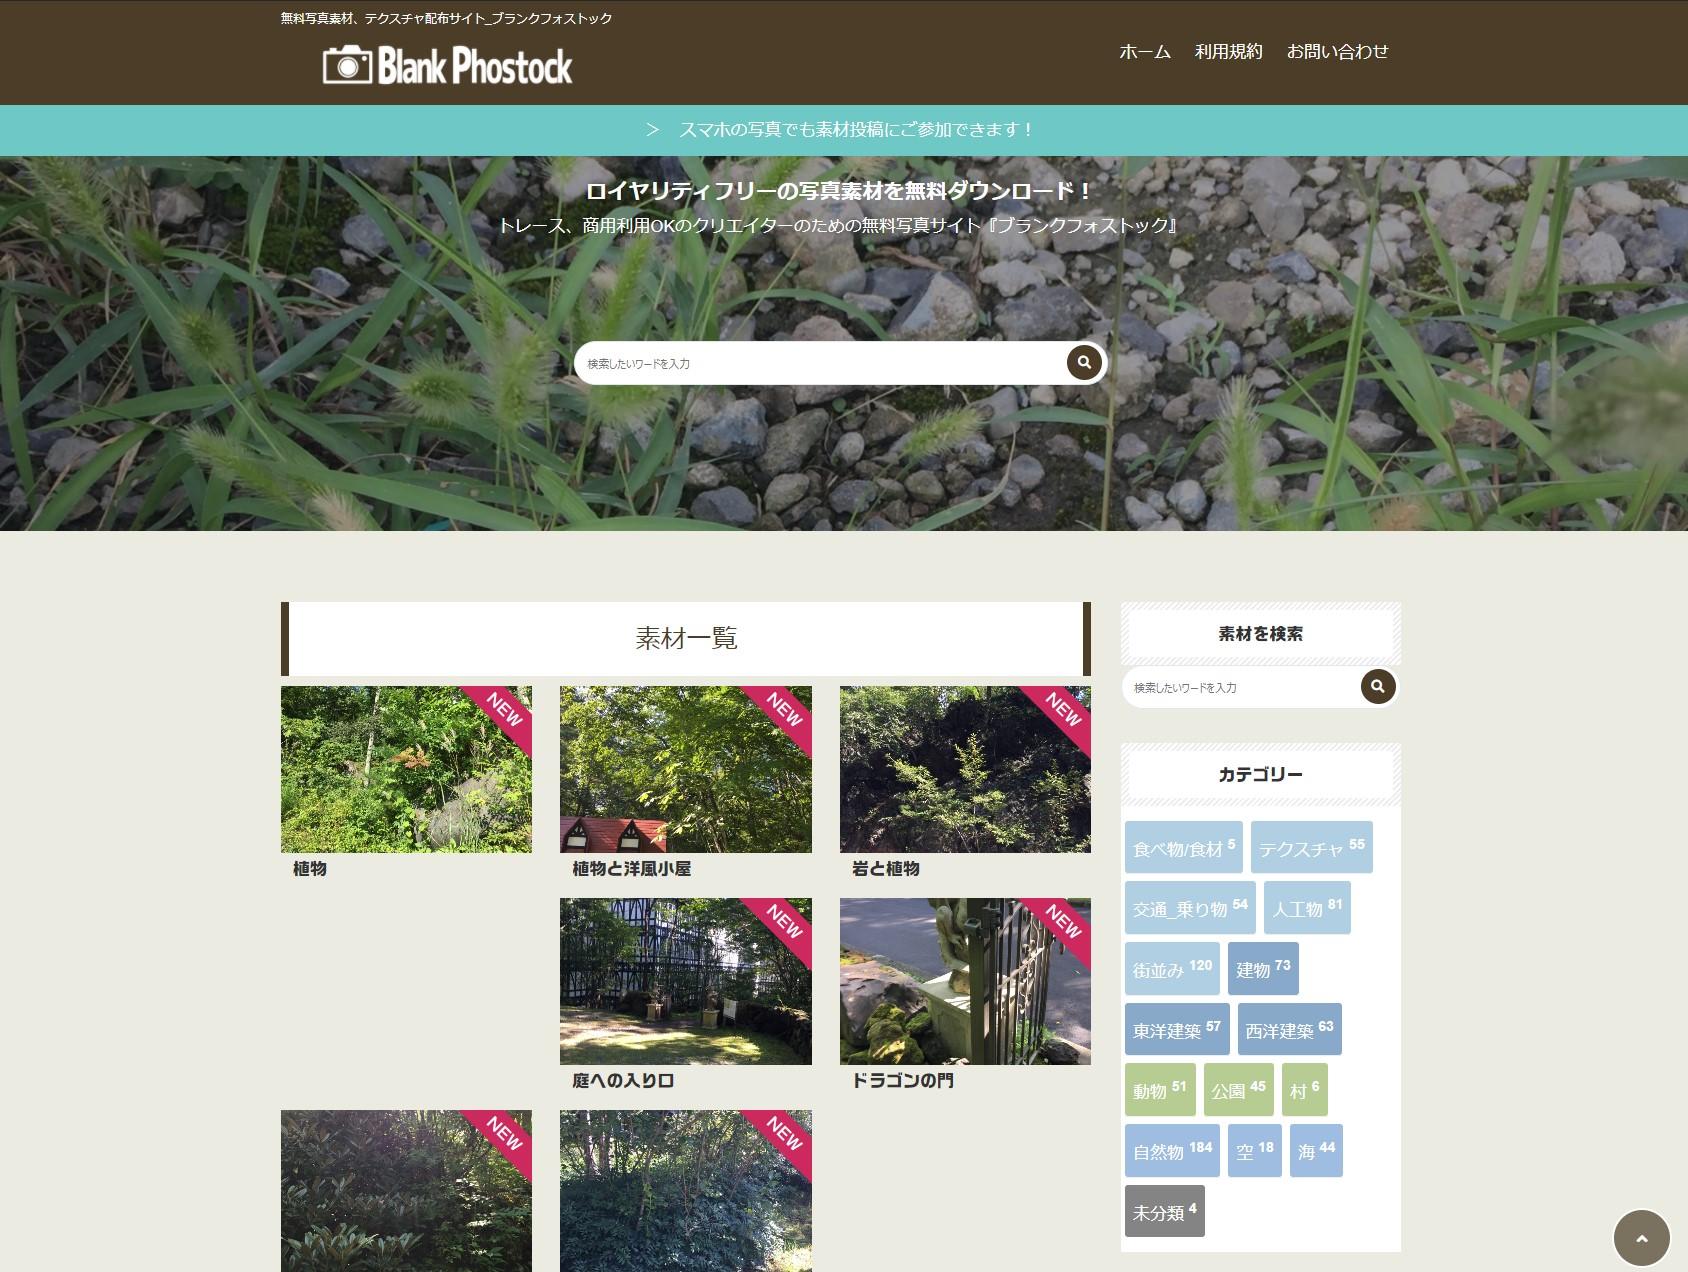 Blank Phostock – 無料写真素材、テクスチャ配布サイト_ブランクフォストック